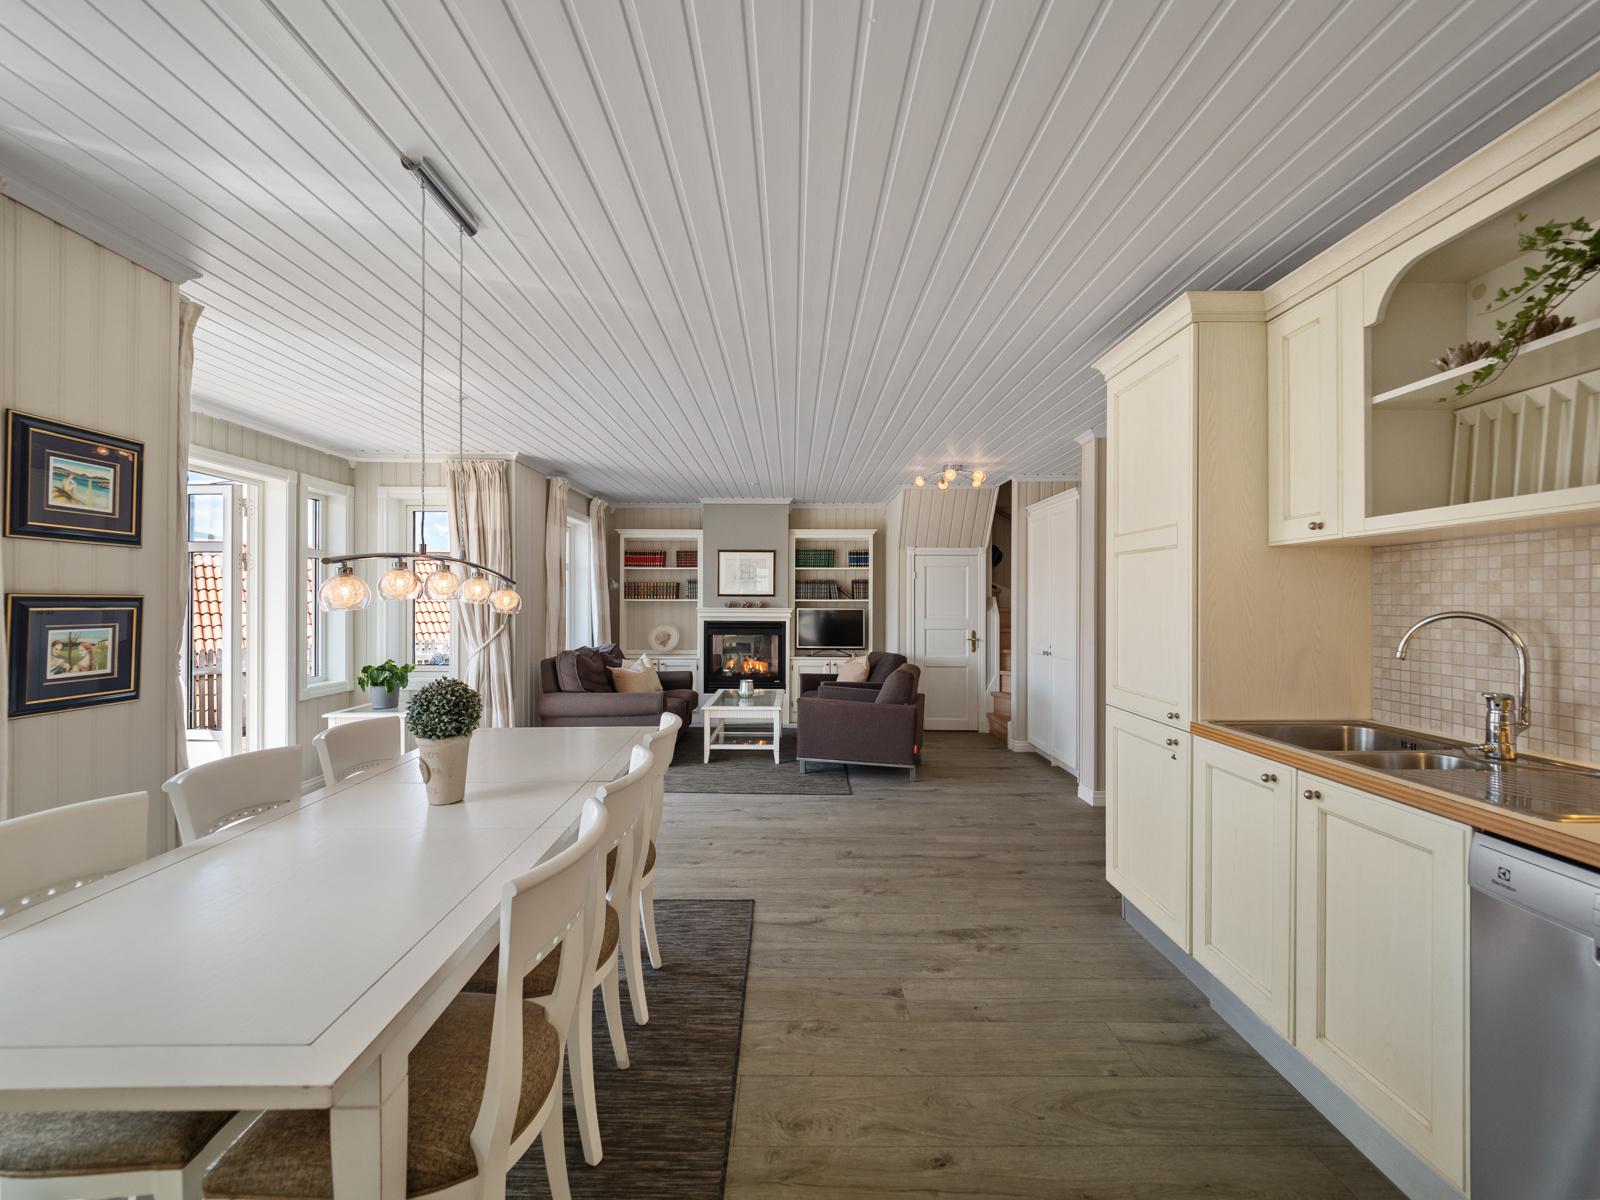 I tilknyttning til kjøkkenet er det plass til stort spisebord - Perfekt for hyggelige måltider med familie og venner